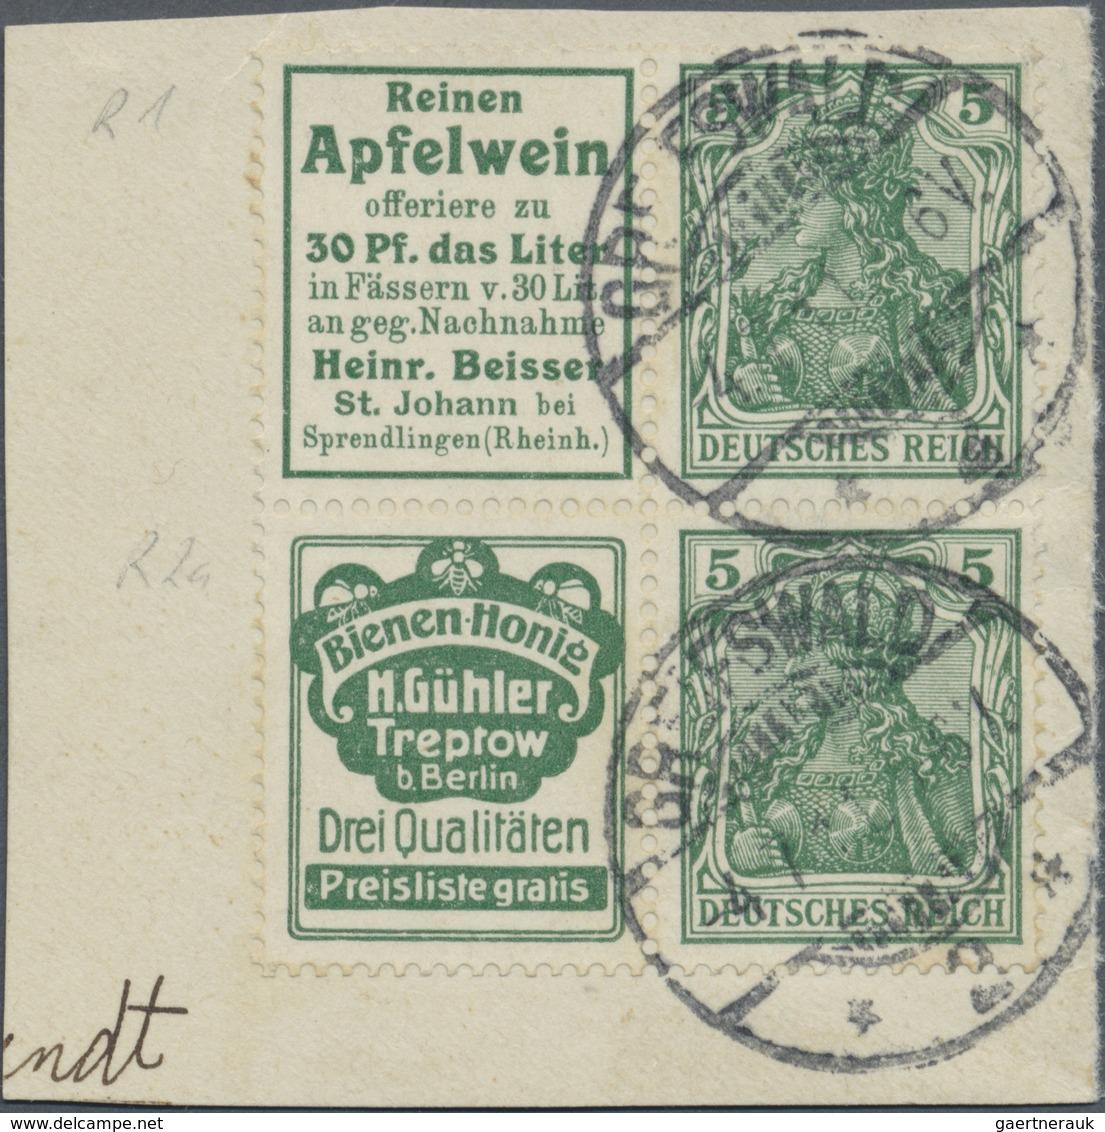 """O Deutsches Reich - Zusammendrucke: 1911, Reklame """"Reinen Apfelwein"""" + 5 Pfg. Germania Und Reklame """"Bi - Se-Tenant"""